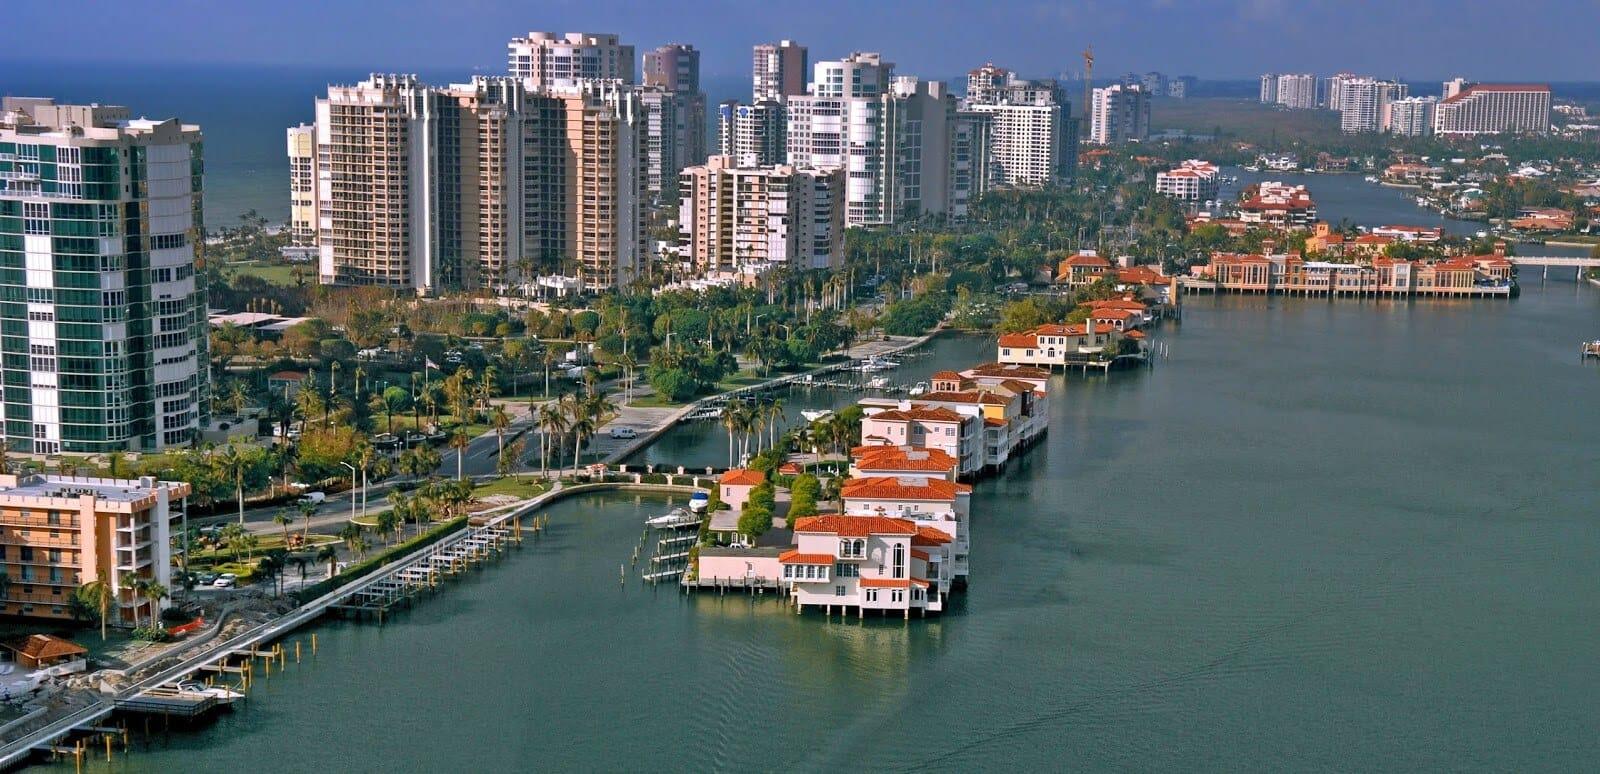 Cidades legais perto de Miami